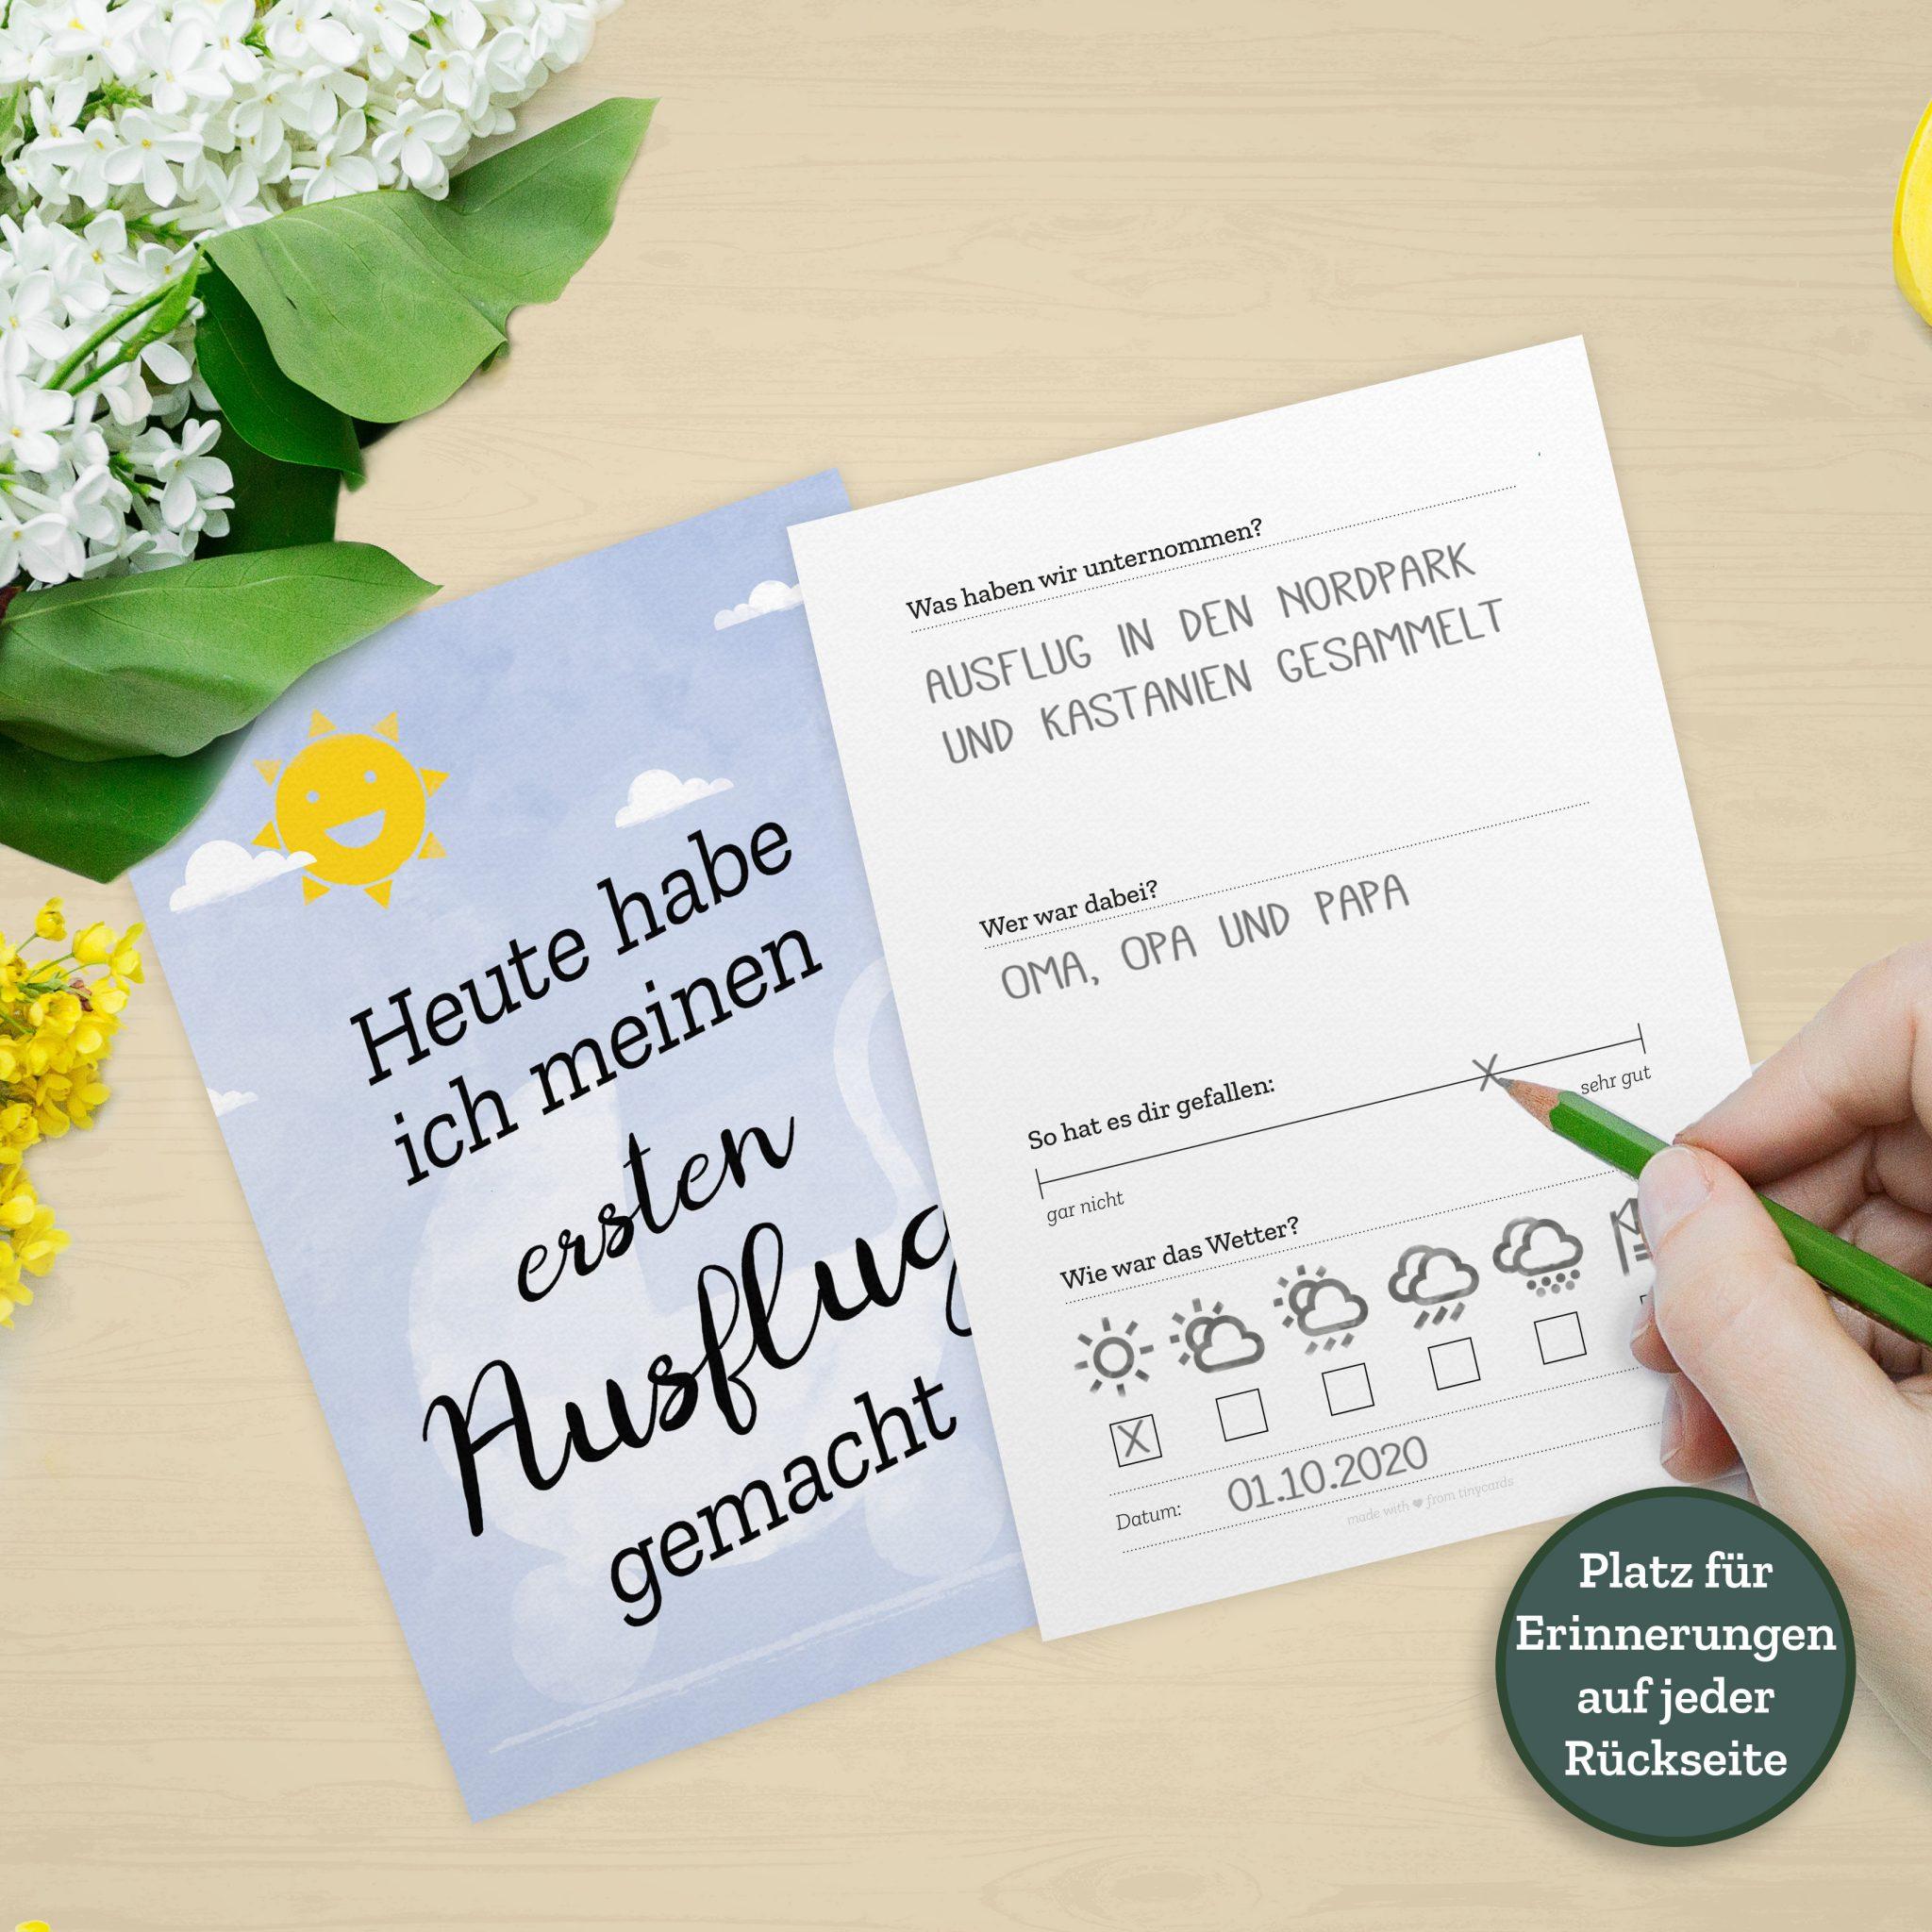 Briefumschlag Beschriften Zur Geburt : Tinycards zur geburt meilenstein karten für fotos